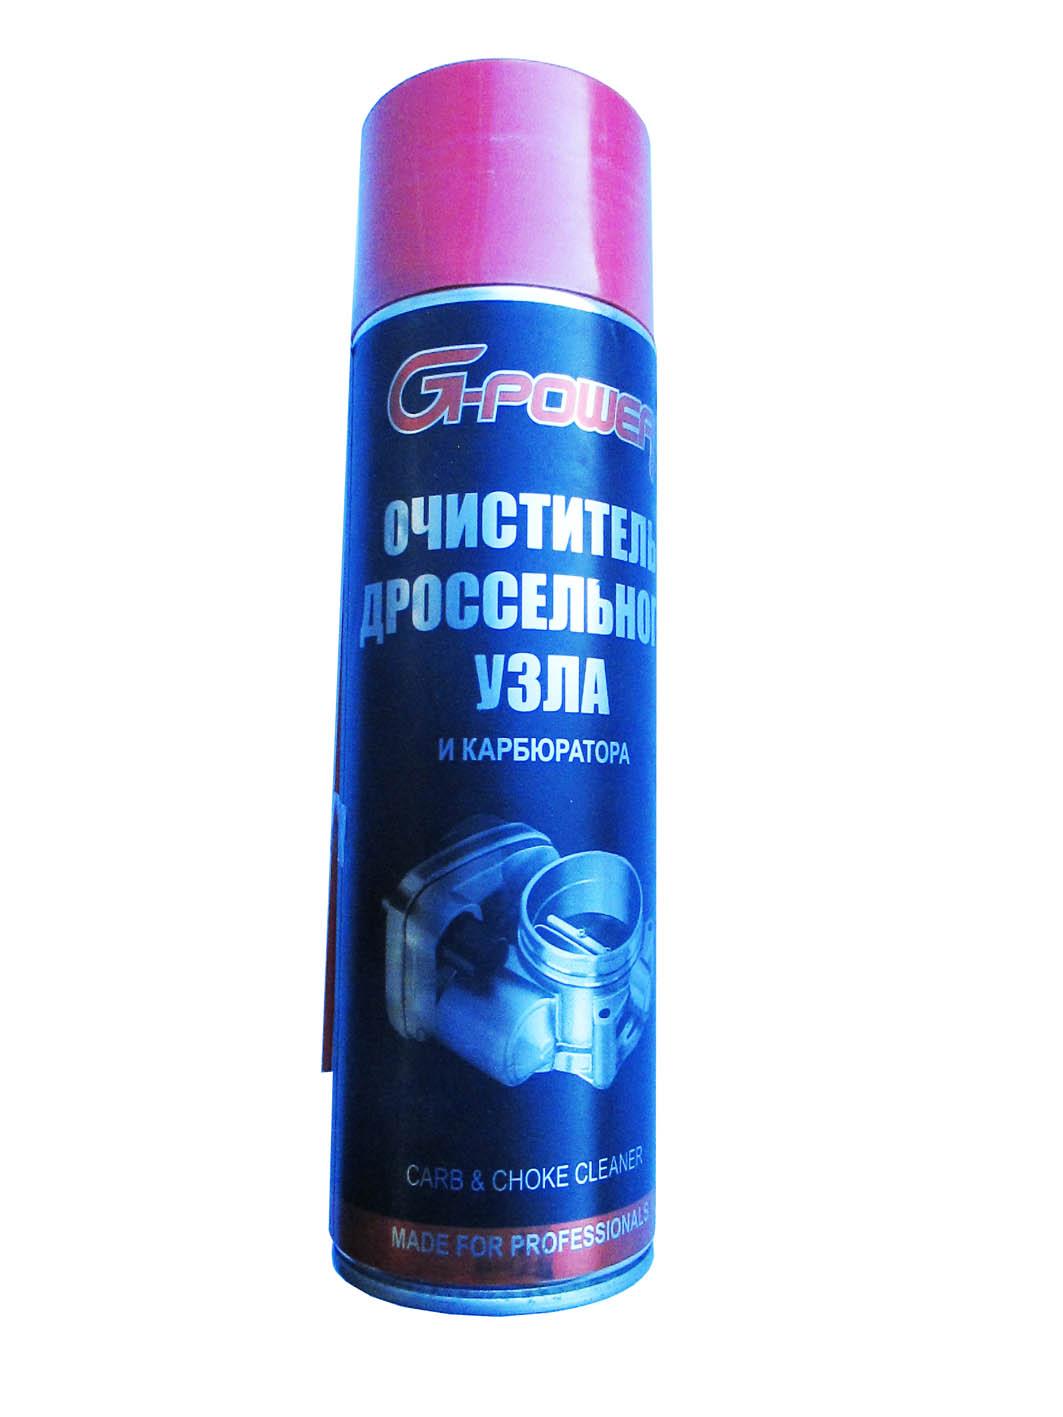 G-Power - Очиститель дроссельного узла и карбюратора аэрозоль 650мл  GP501